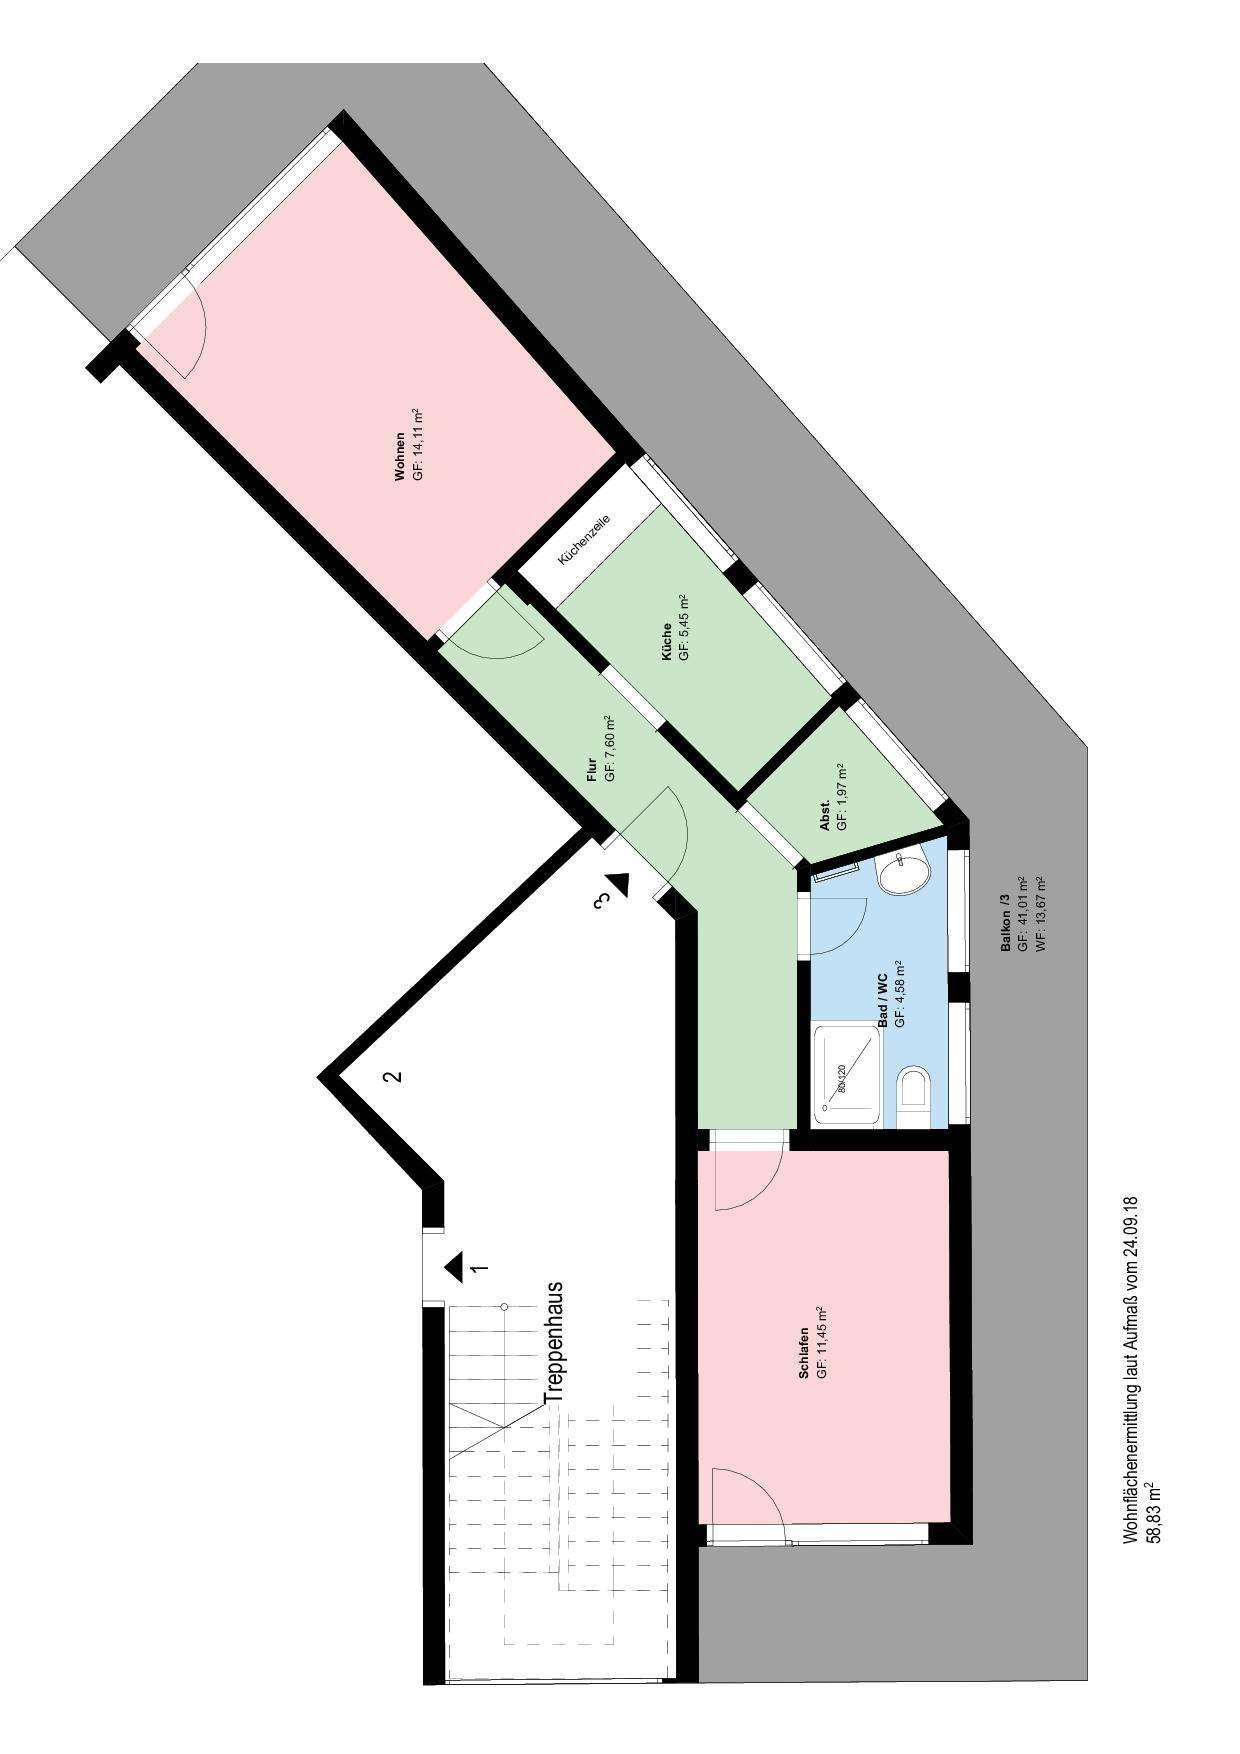 *SOLLN*2 Zimmer-Wohnung*möbliert*BALKON*EBK* PARKETT* in Solln (München)